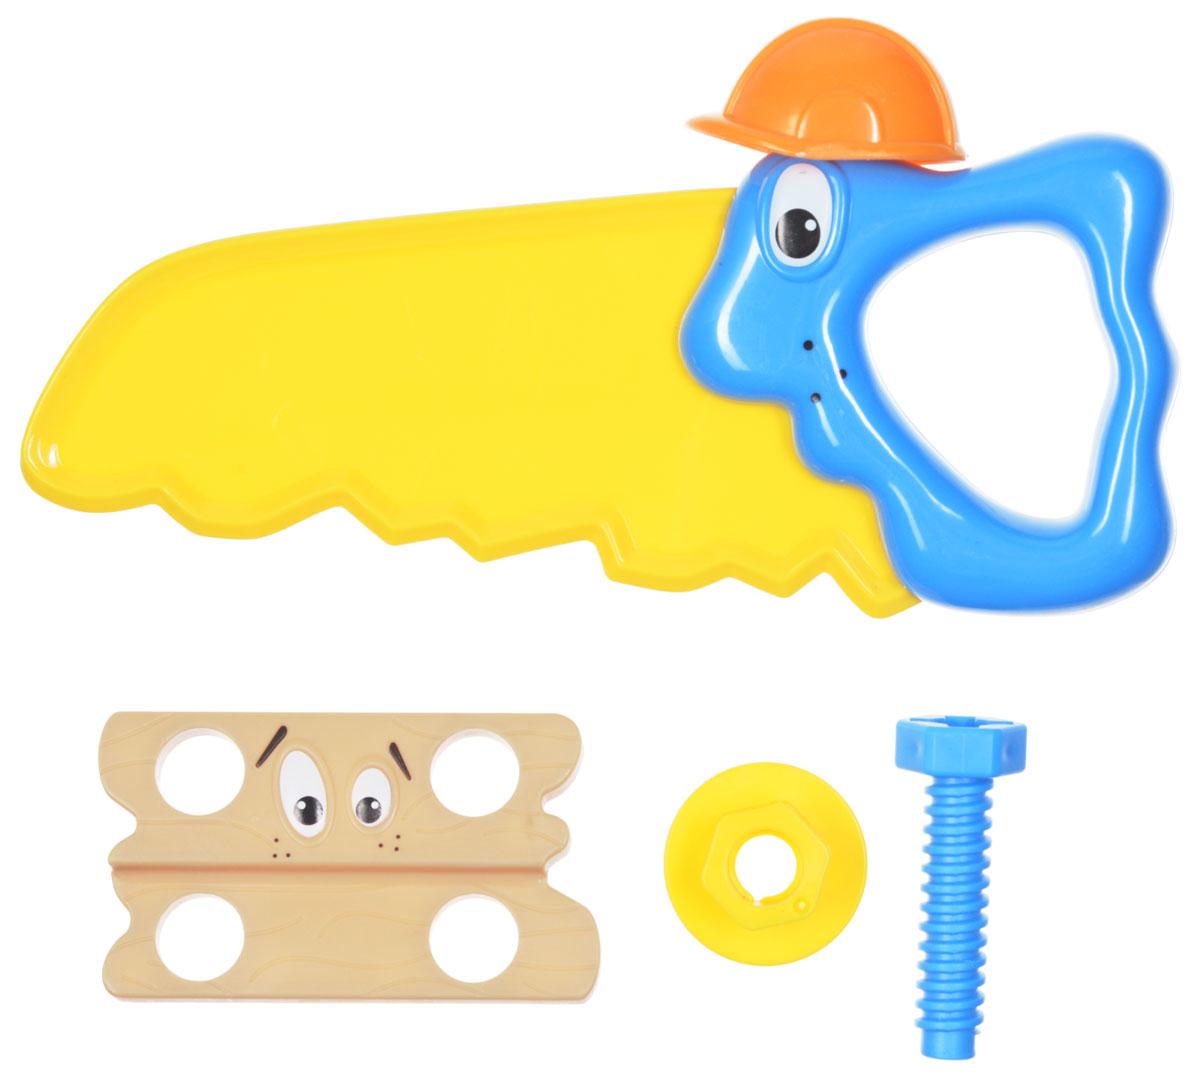 1TOY Игровой набор Профи-малыш цвет желтый голубой